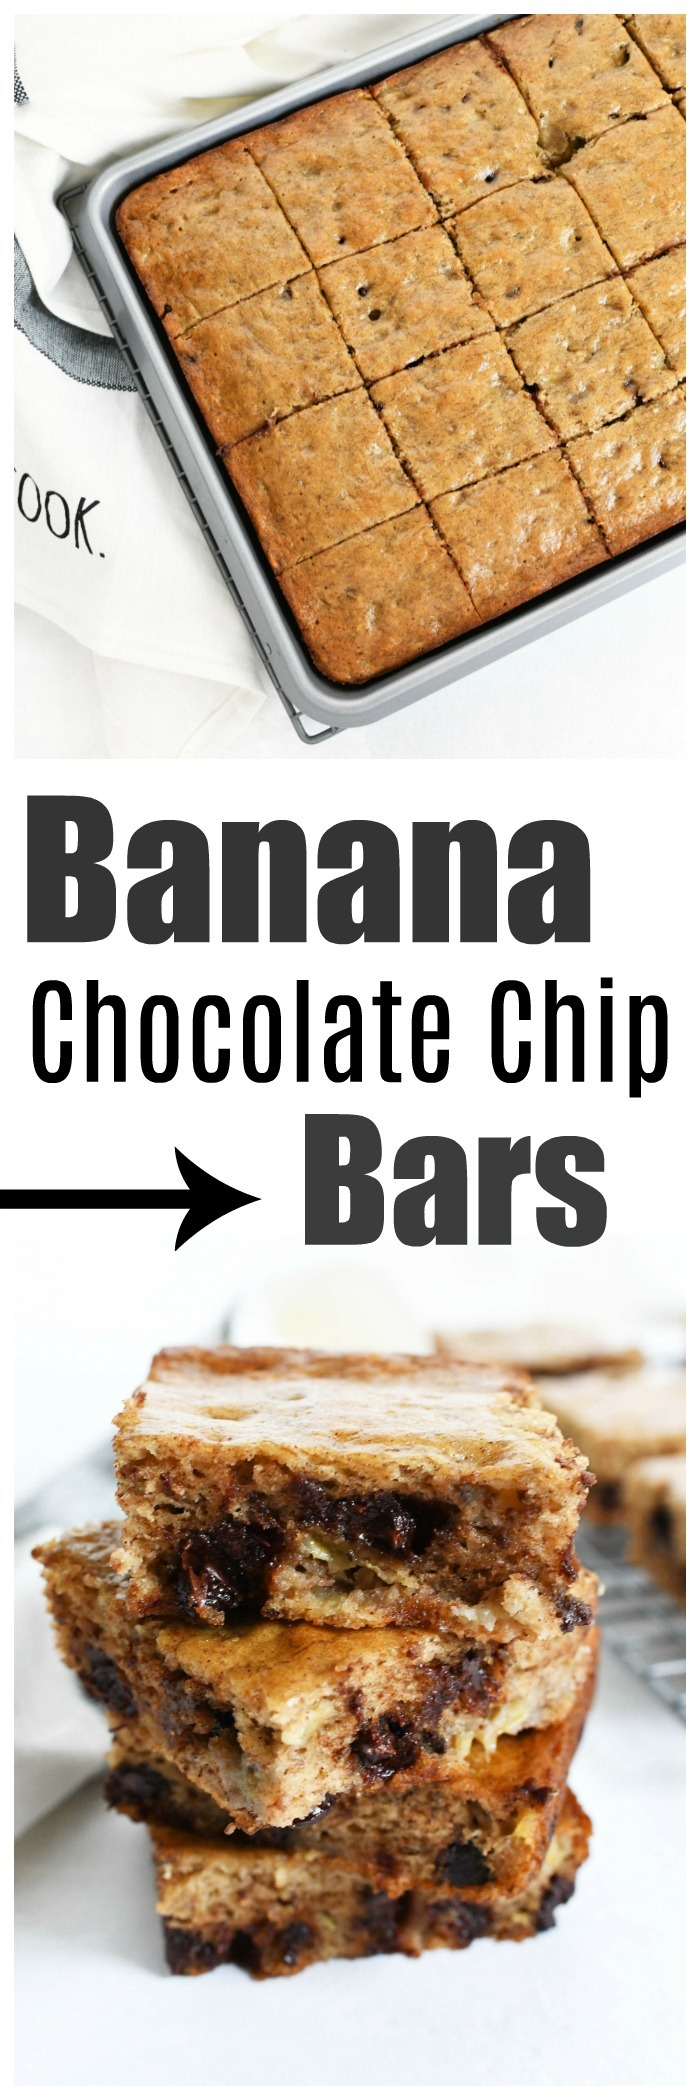 Chocolate Chip Banana Bars Recipe